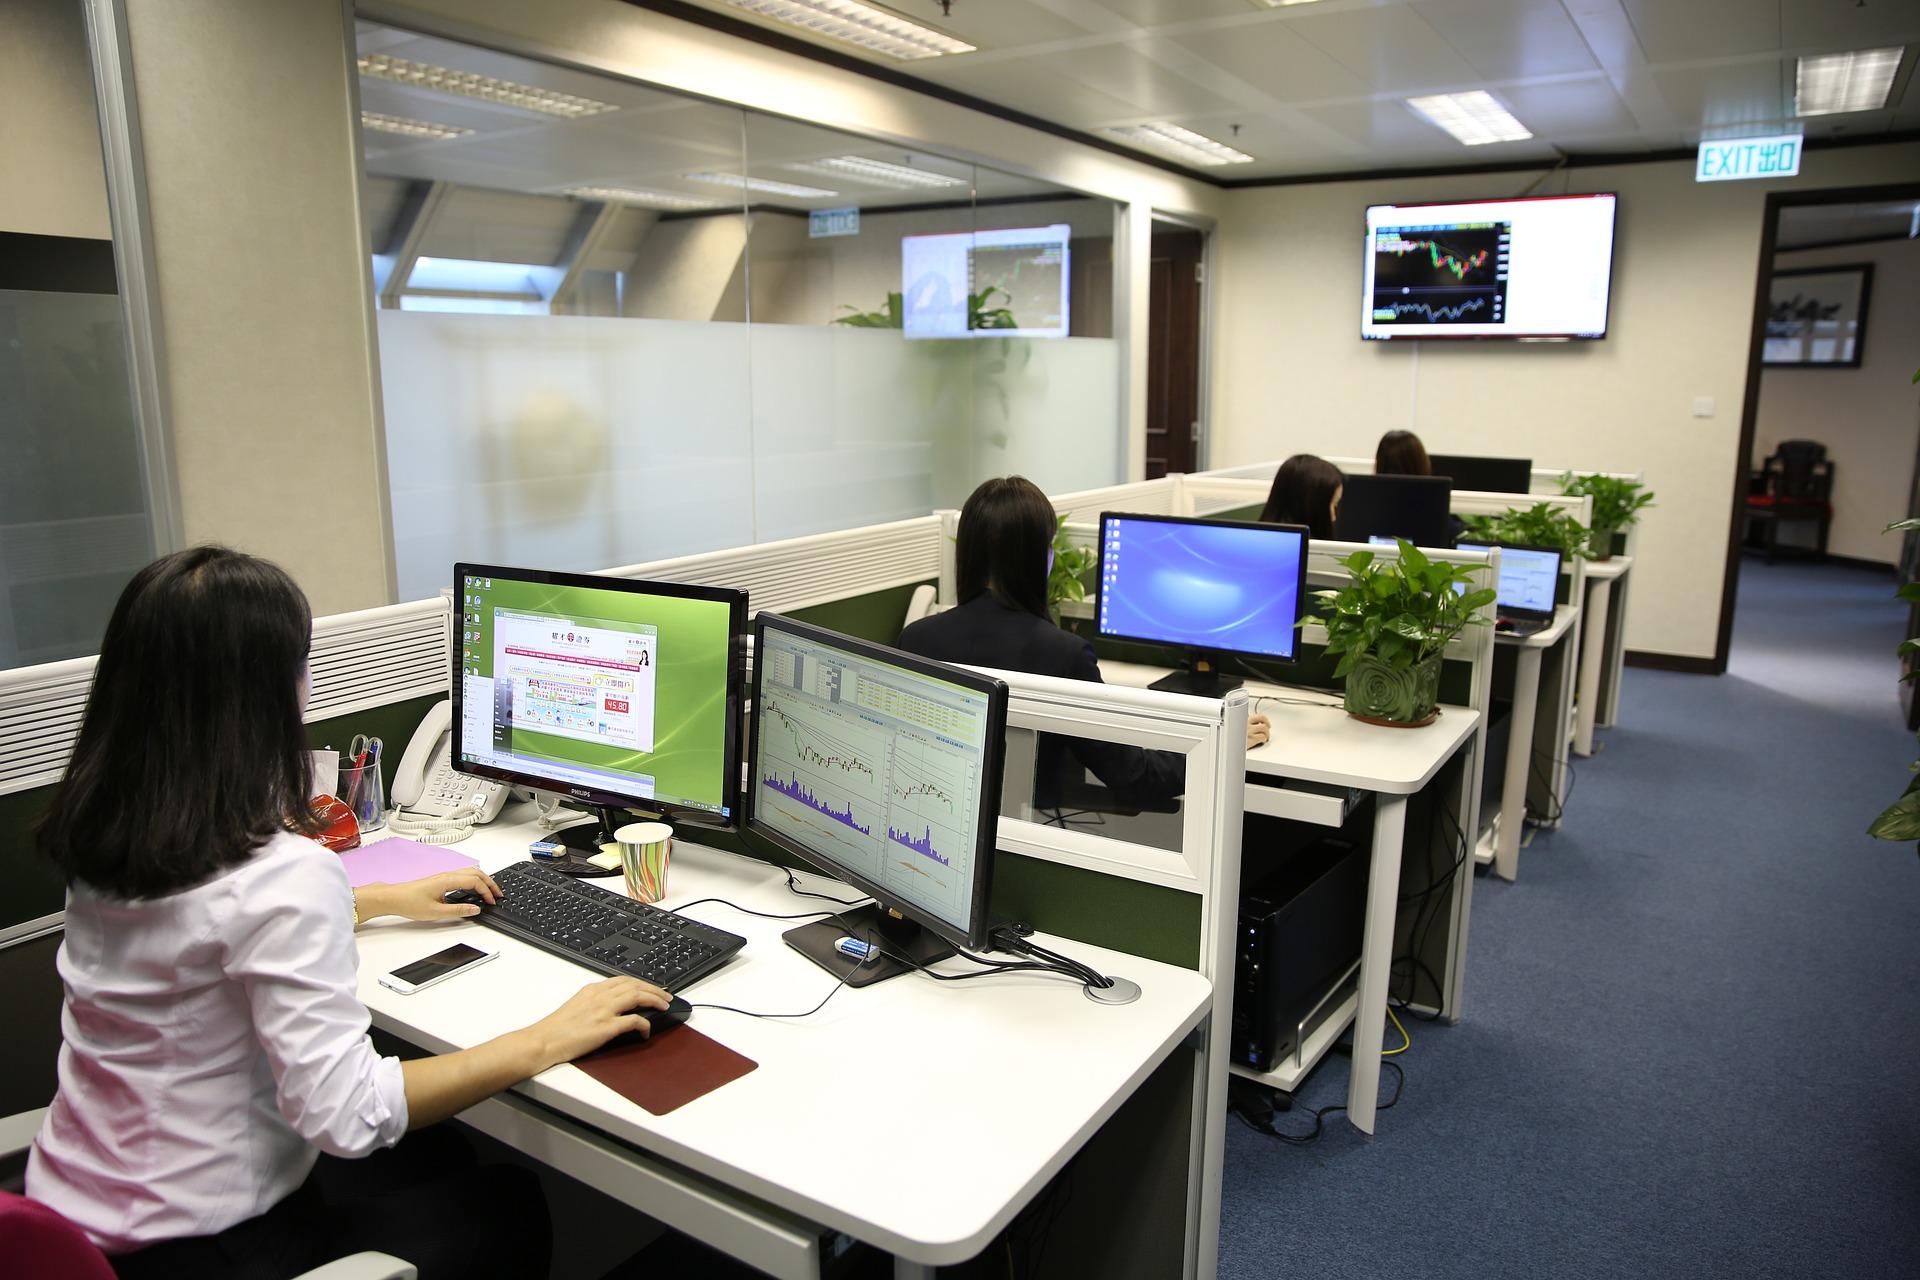 personas en una oficina